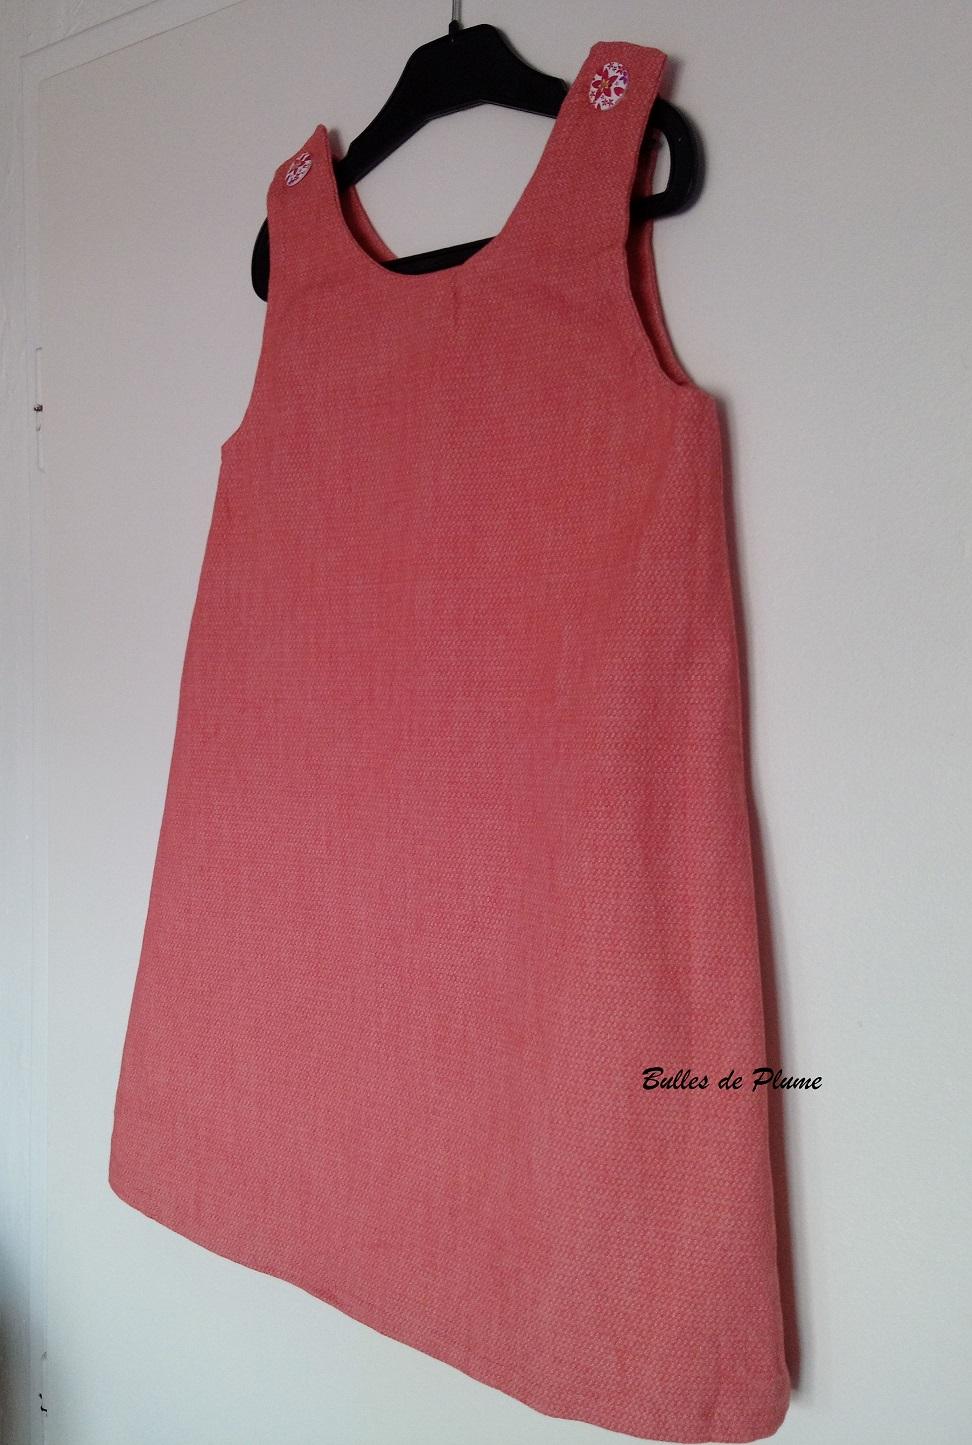 Bulles de plume diy couture facile une robe enfant - Diy couture facile ...